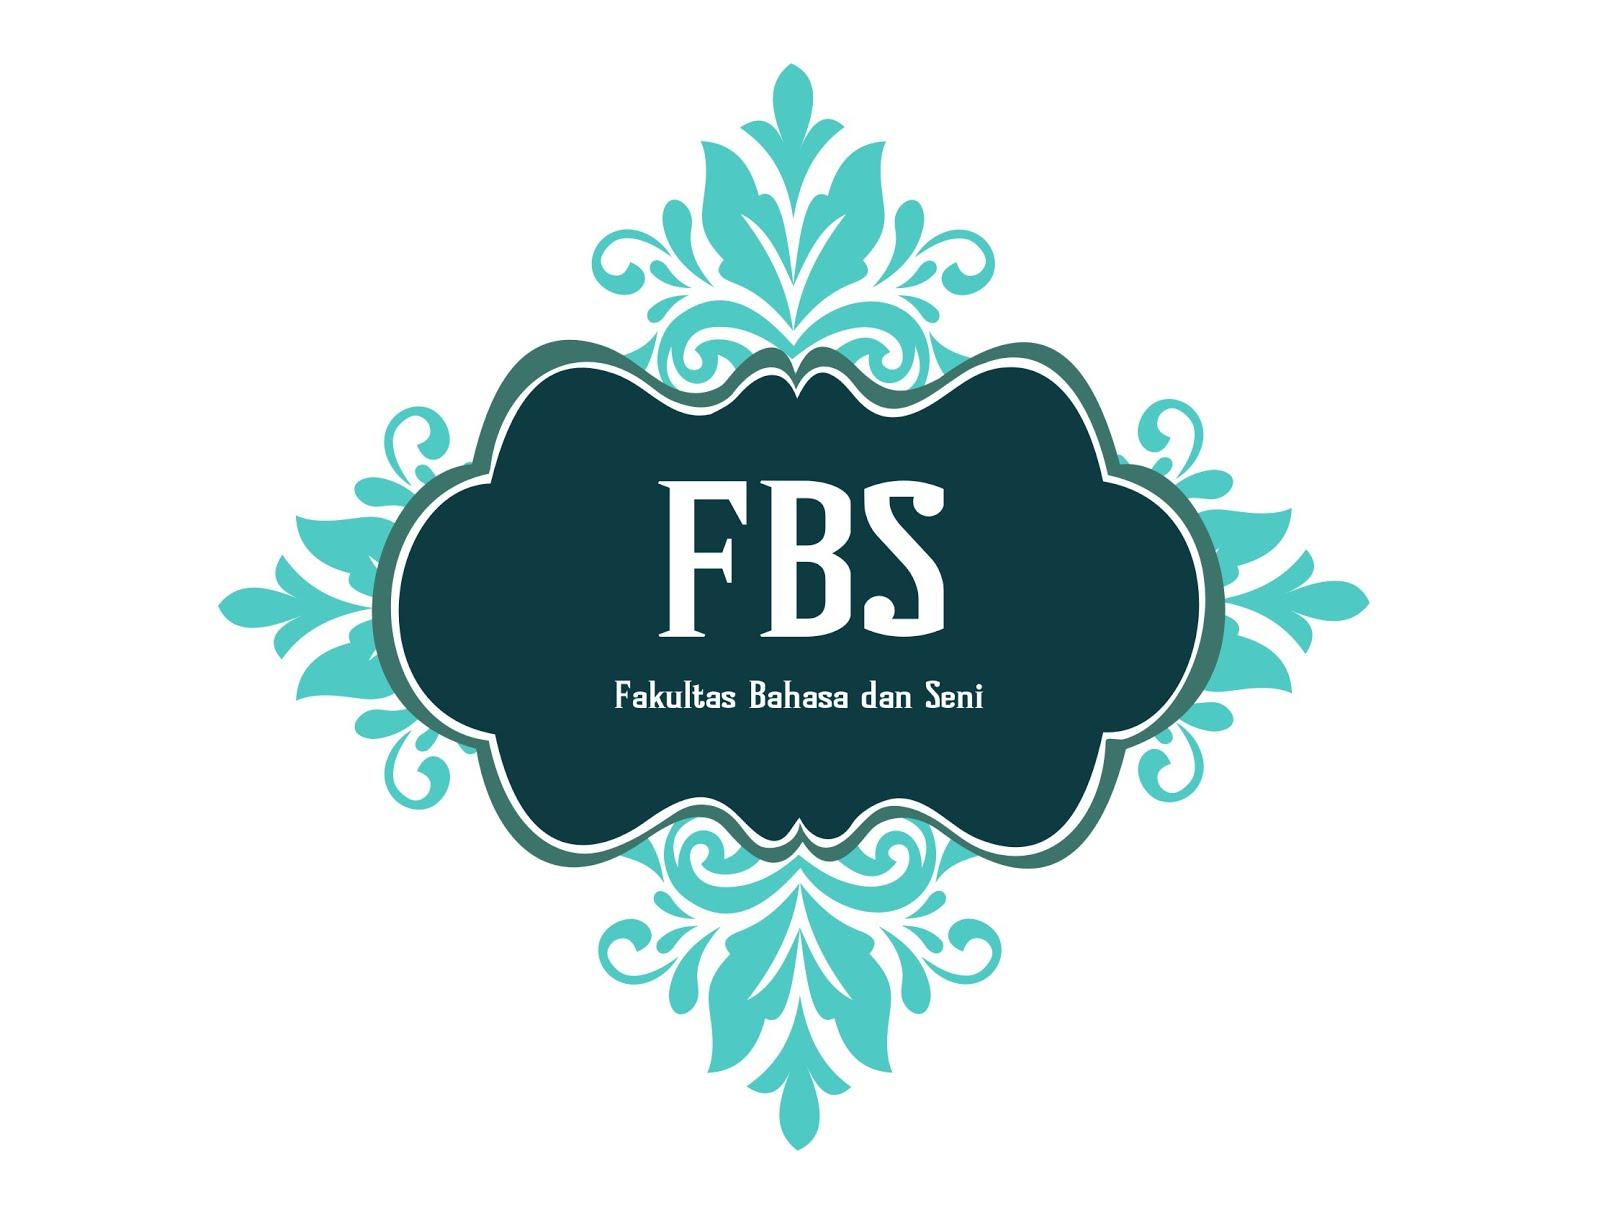 fbs uny